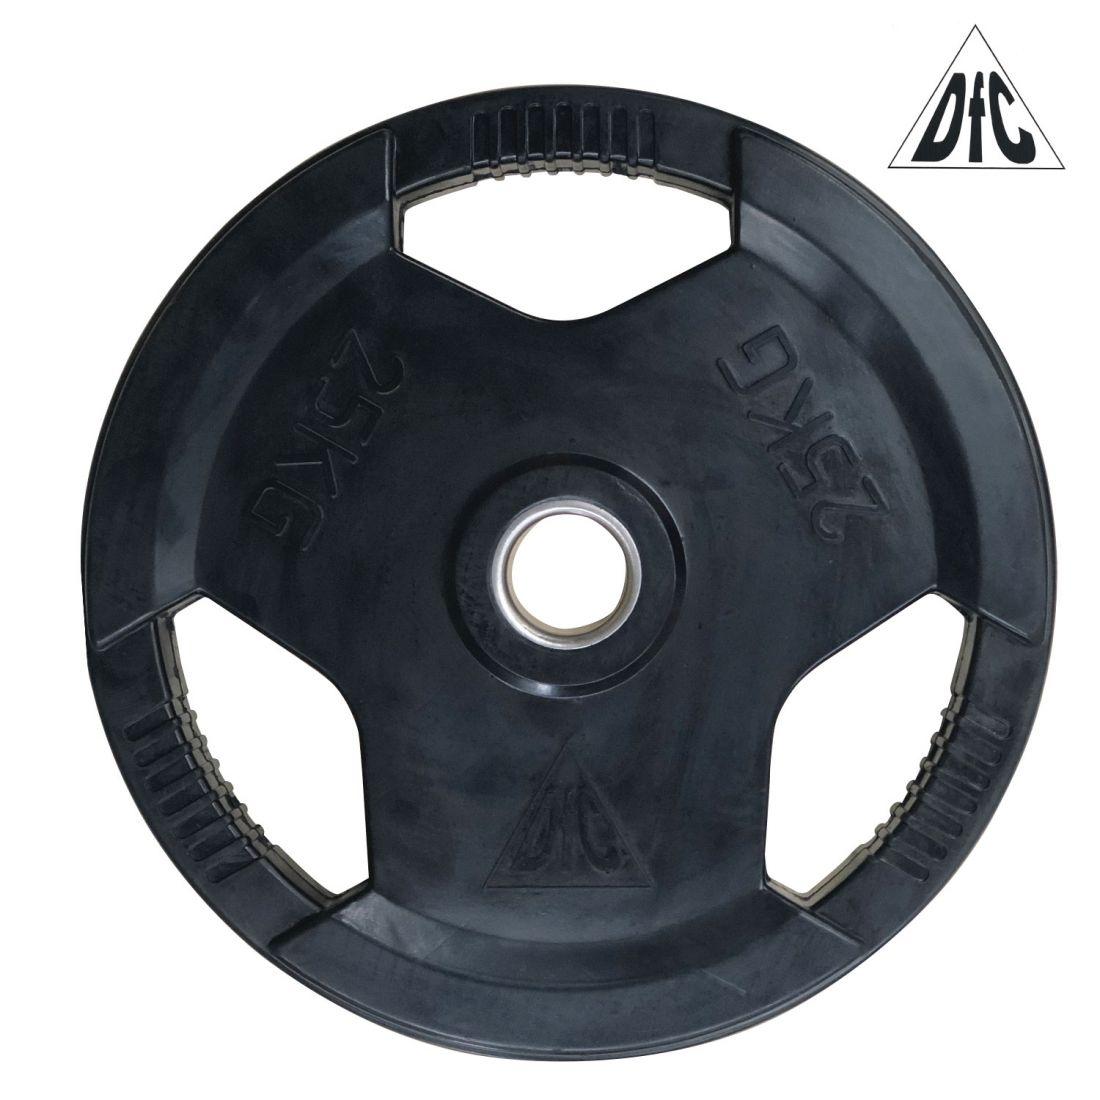 Диск обрезиненный DFC, чёрный, 51 мм, 25 кг